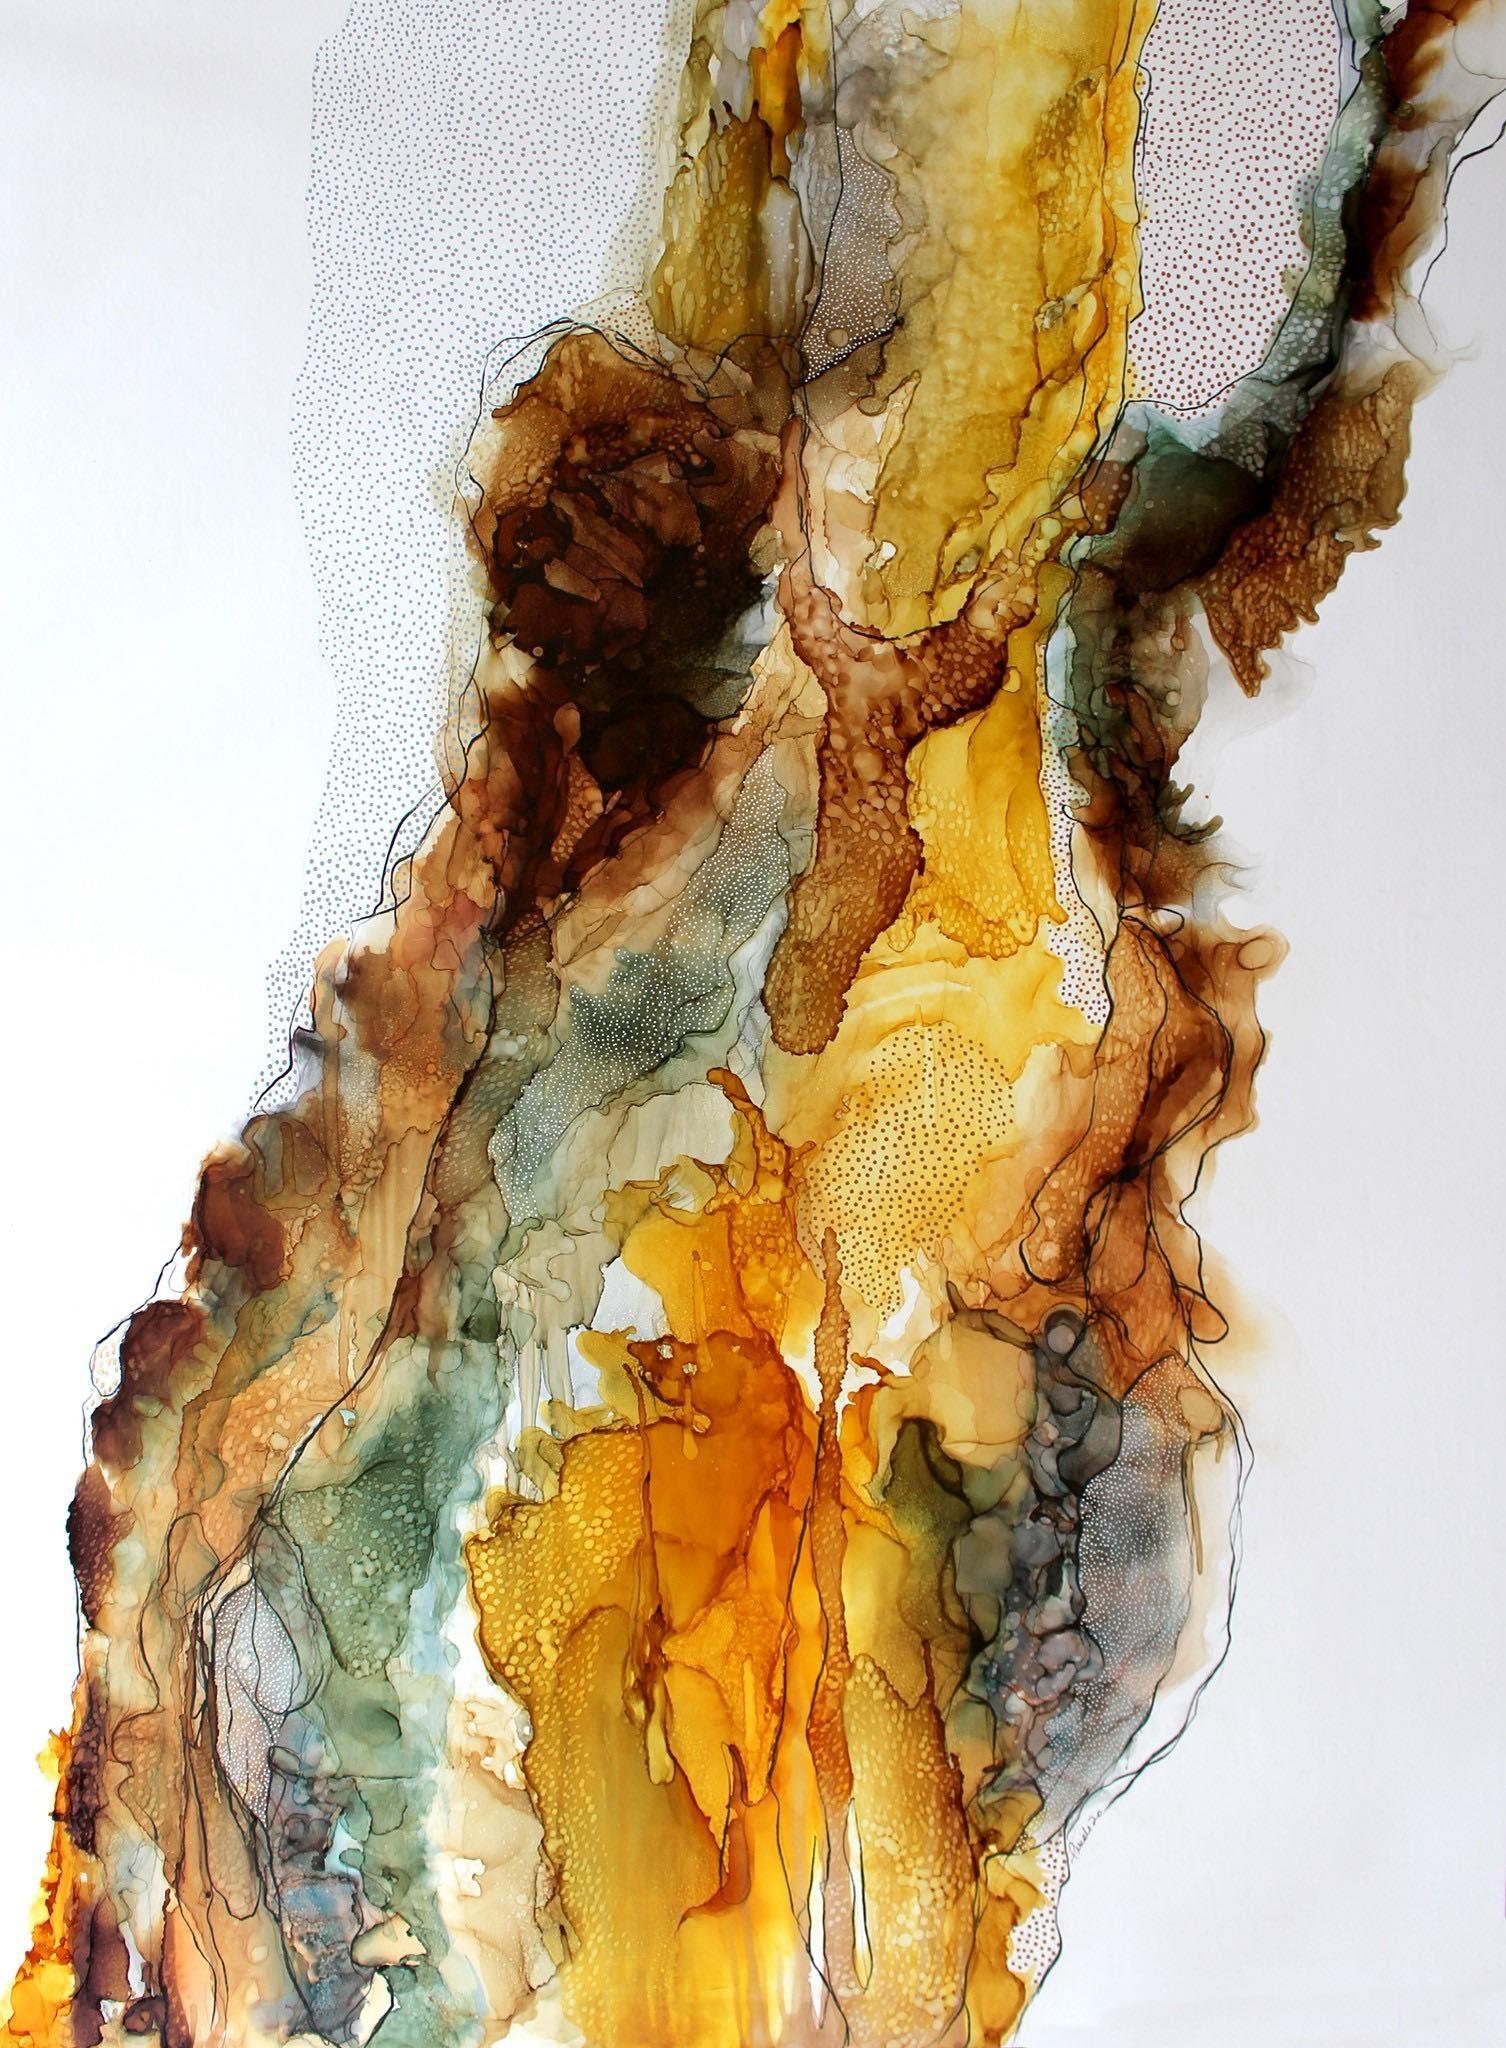 The skin, de l'artiste Nancy Létourneau, Oeuvre sur bois, médium encre à l'alcool et acrylique sur Terraskin marouflé, Création unique, dimension 48 x 36 de largeur